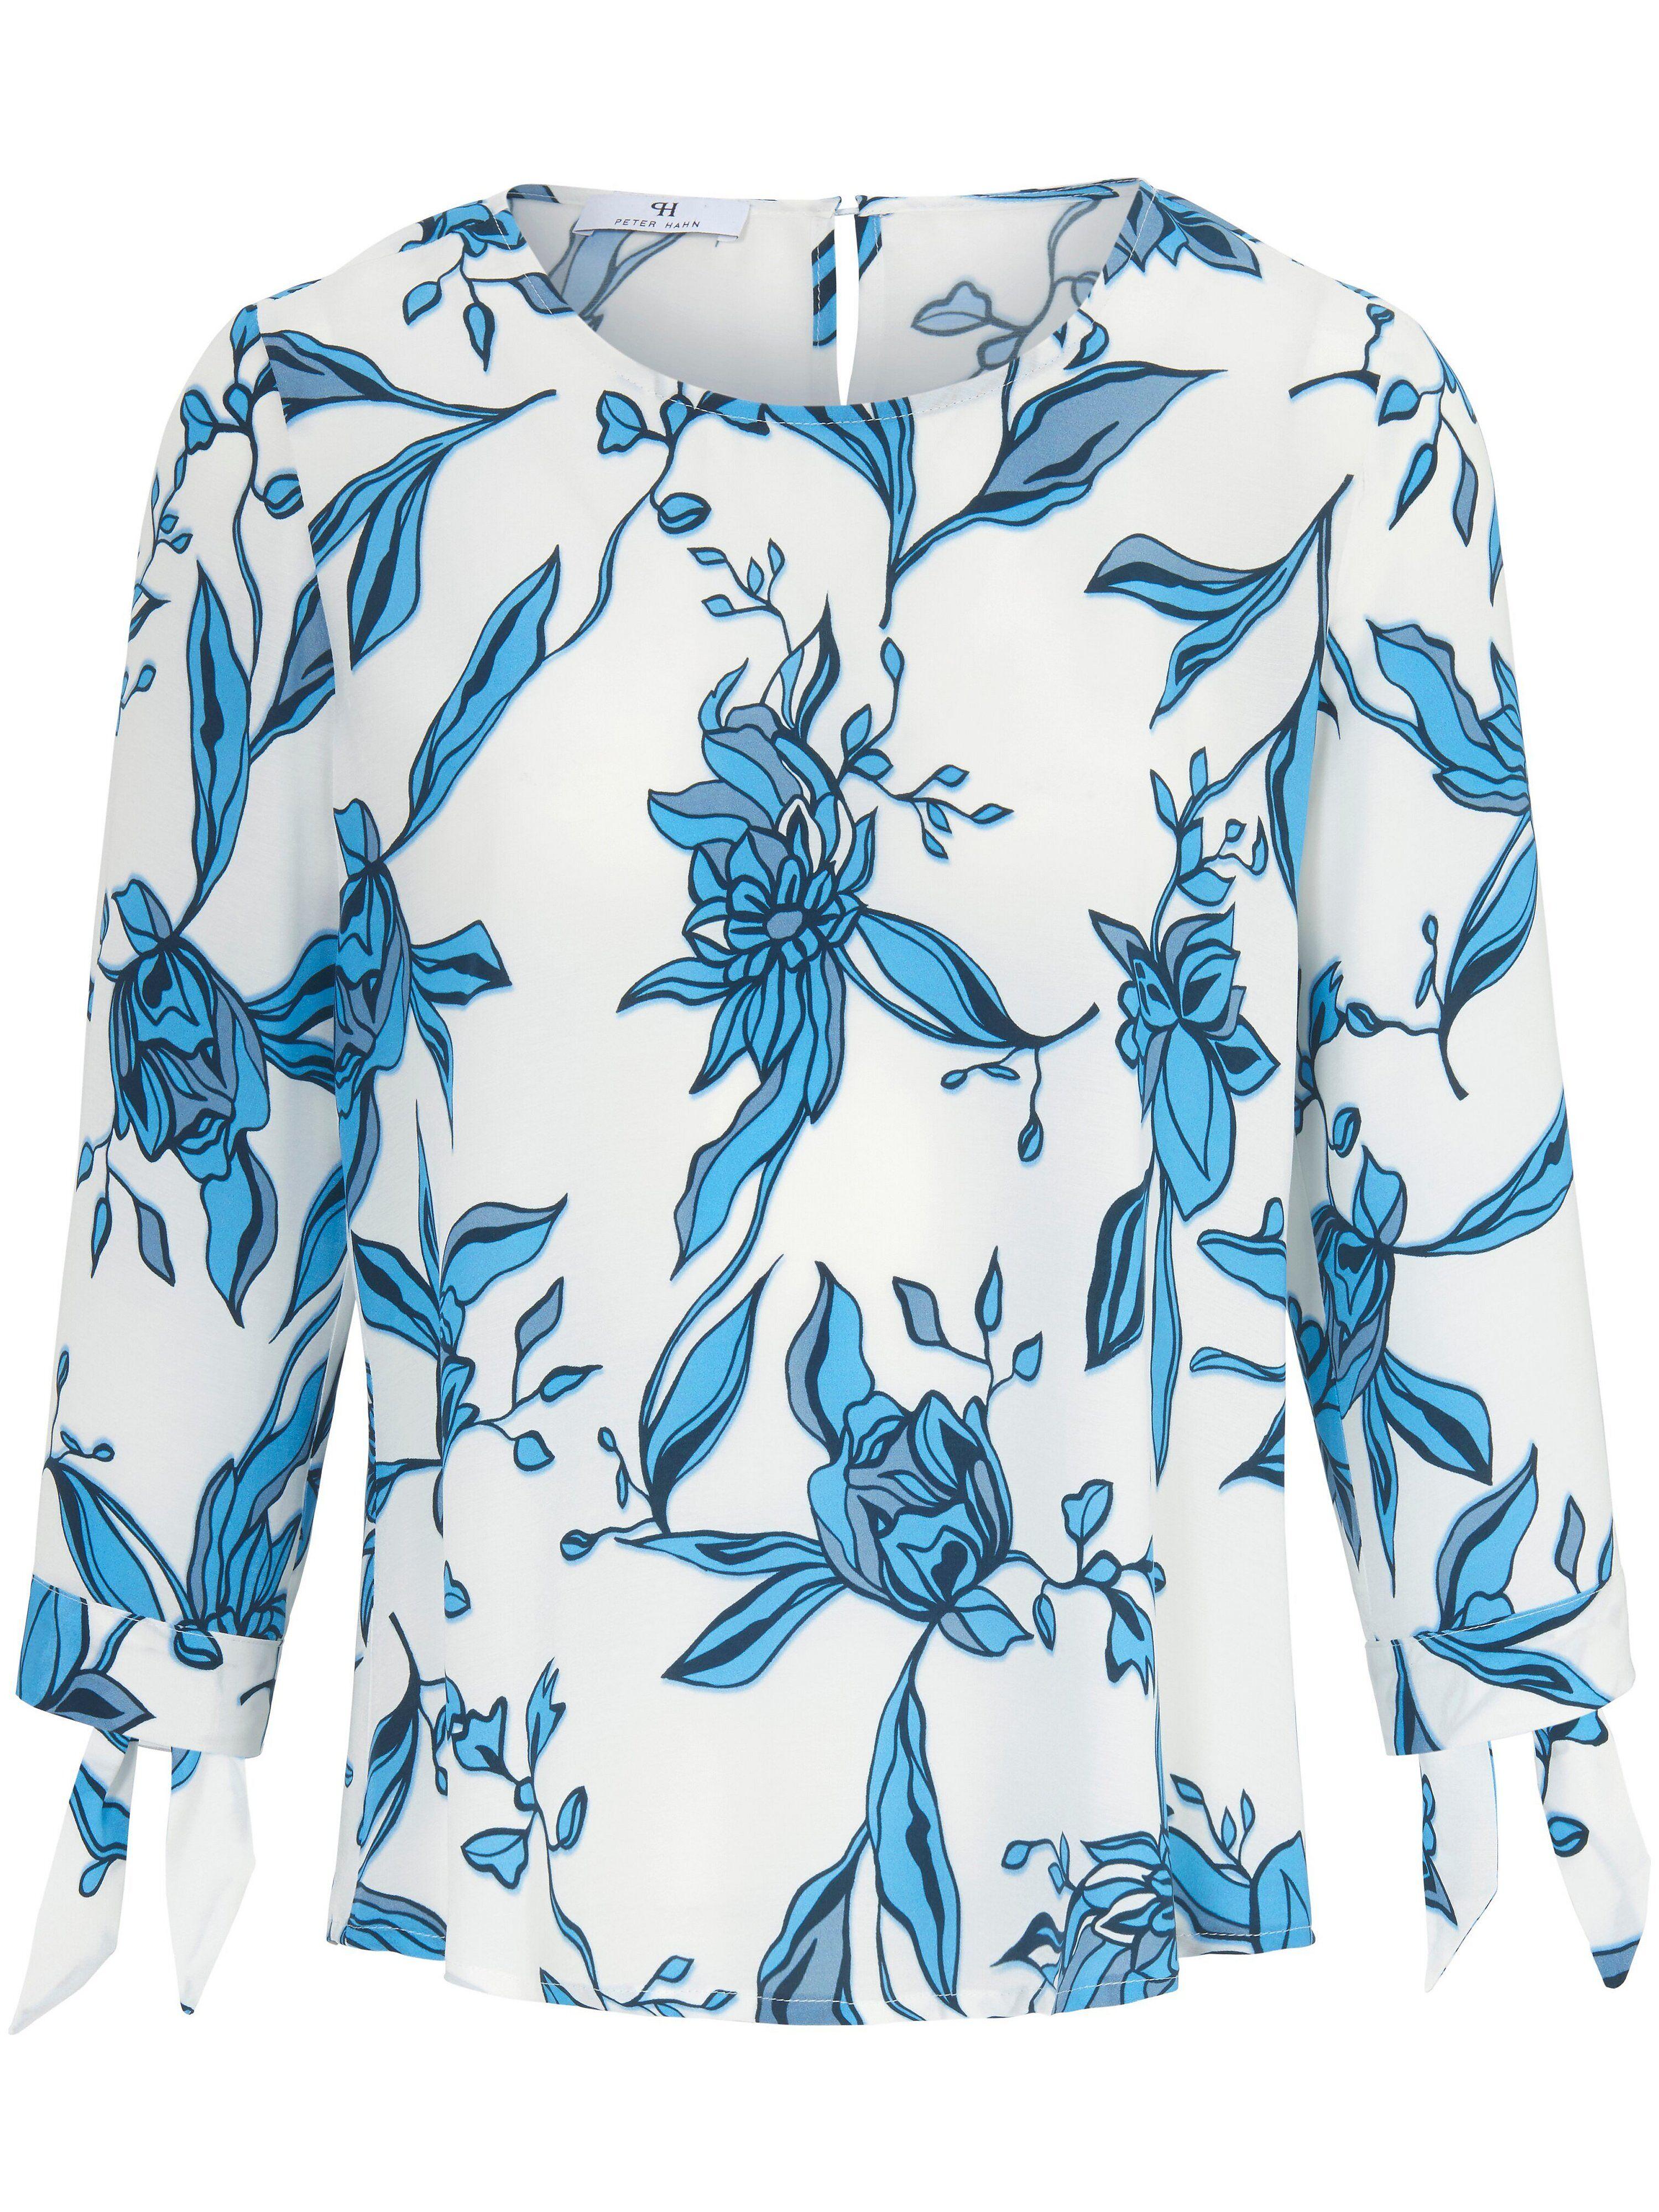 Peter Hahn La blouse manches 3/4  Peter Hahn blanc  - Femme - 38